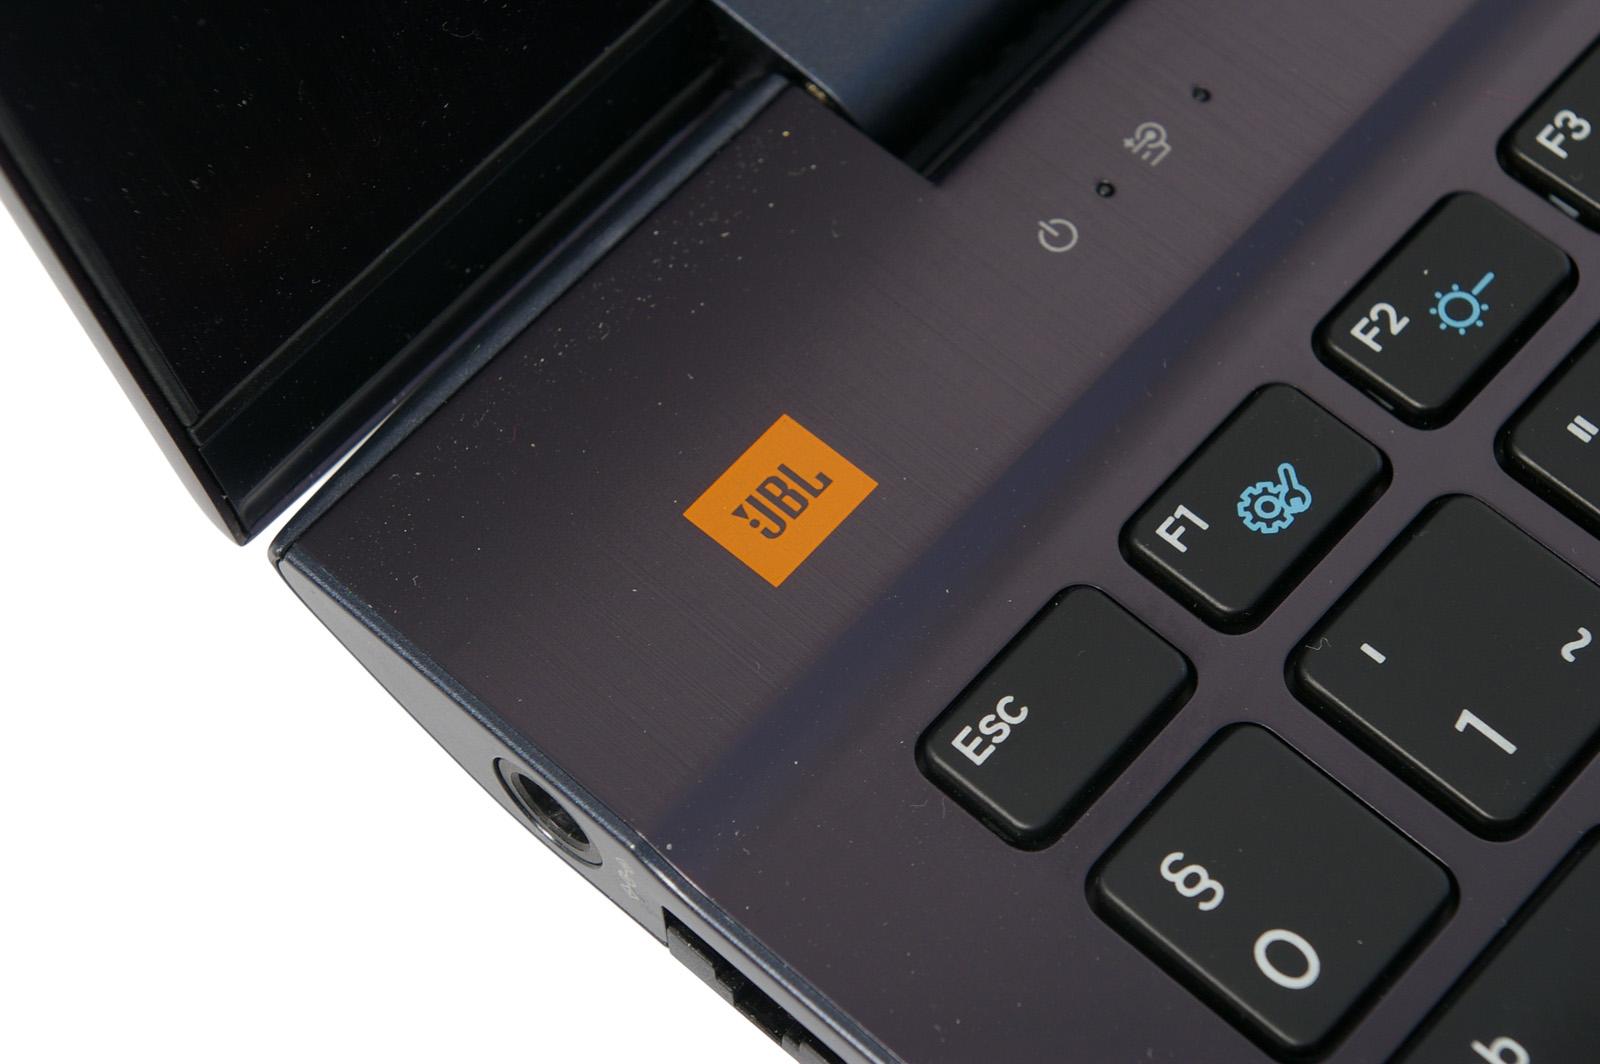 7c266756f5bb Szerencsére a Samsung odafigyelt a részletekre is: tetszetős színeket  használtak, amit ügyesen kombináltak némi krómmal és a feliratokkal.